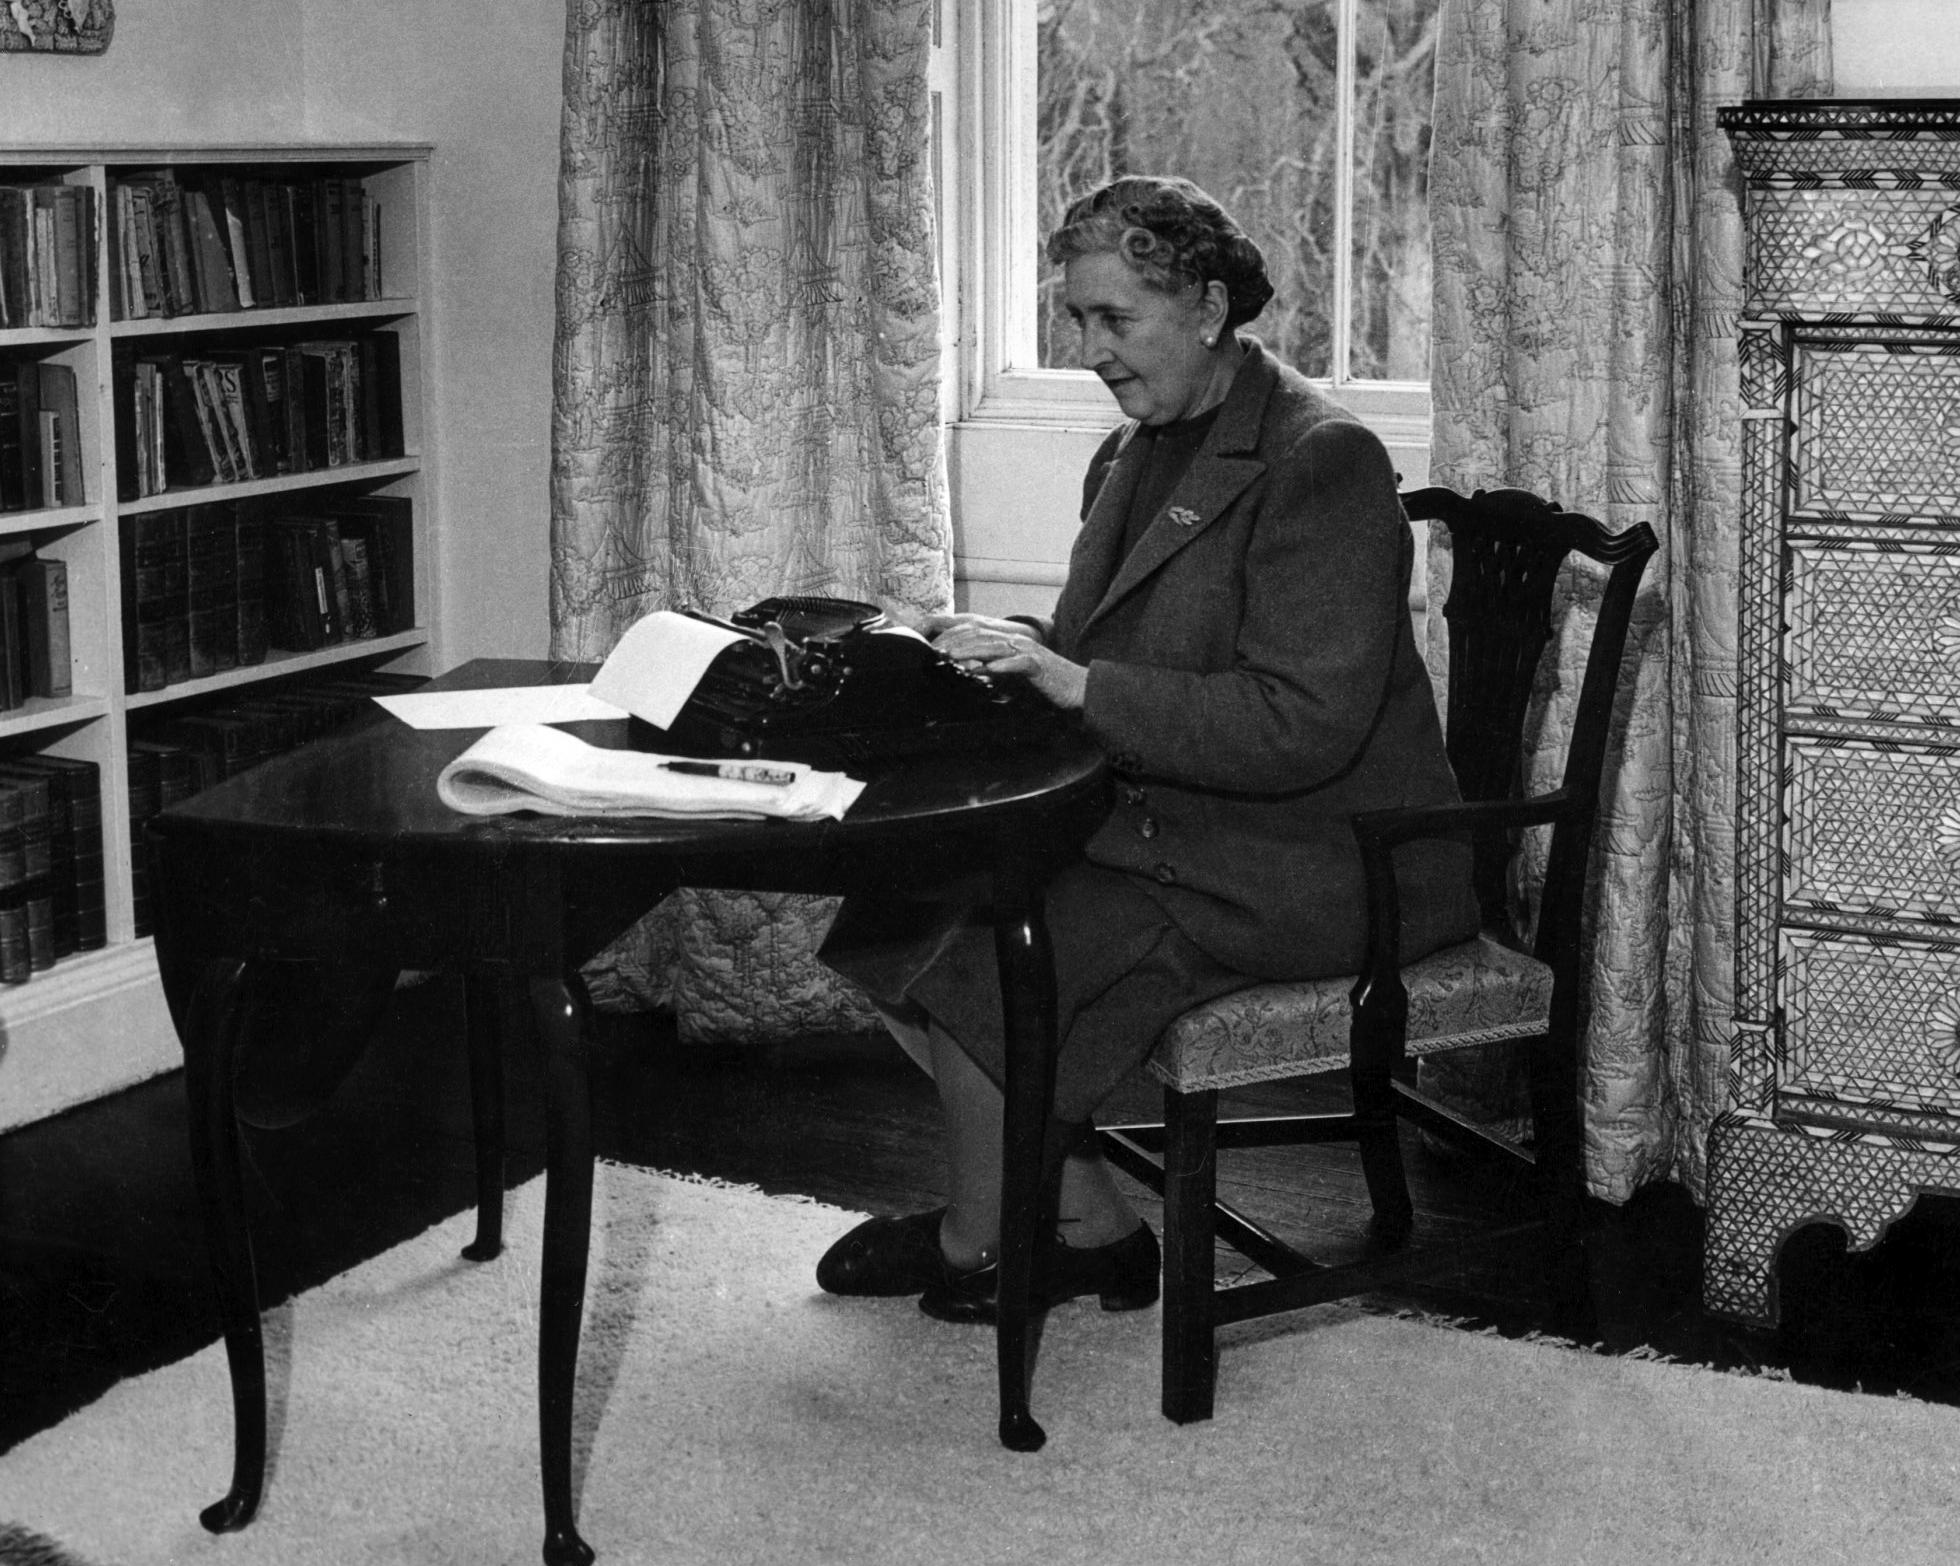 آگاتا کریستی از اولین تجربه های نوشتن می گوید